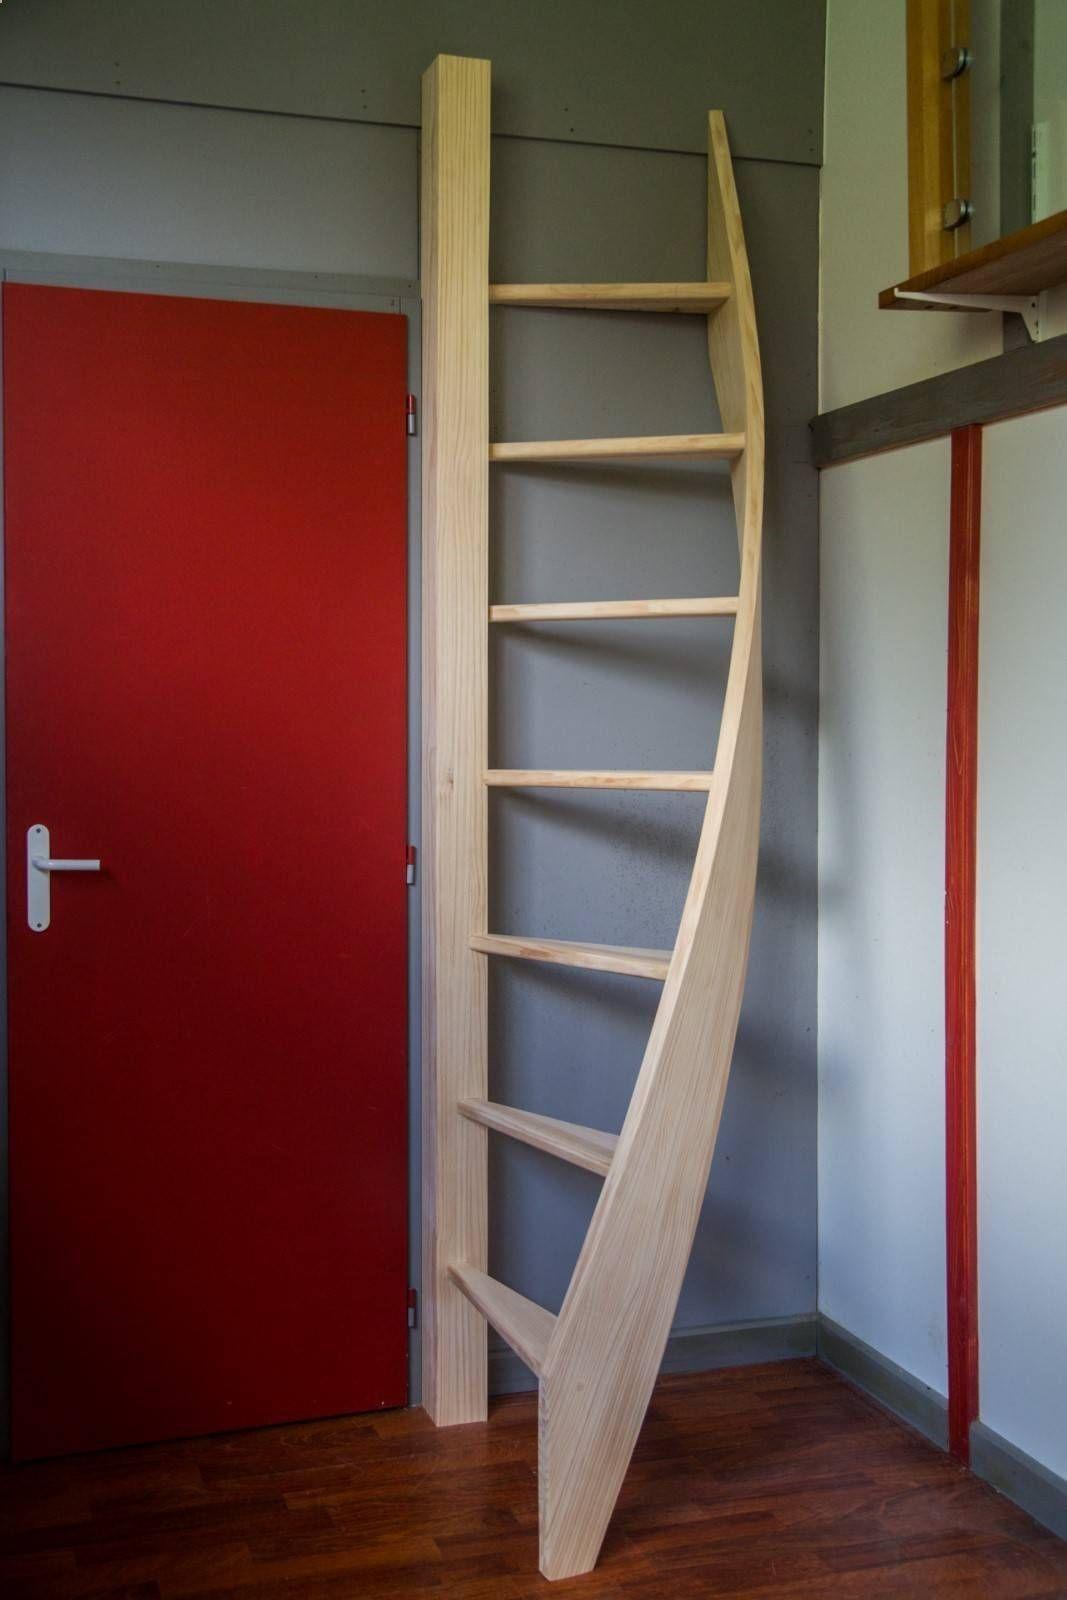 Shed Diy Echelle Mezzanine Helicoidale Vente Descalier En Kit Sur Mesure A Bordeaux Cote Escalier Now You Can With Images Stairs Design Loft Stairs Staircase Design